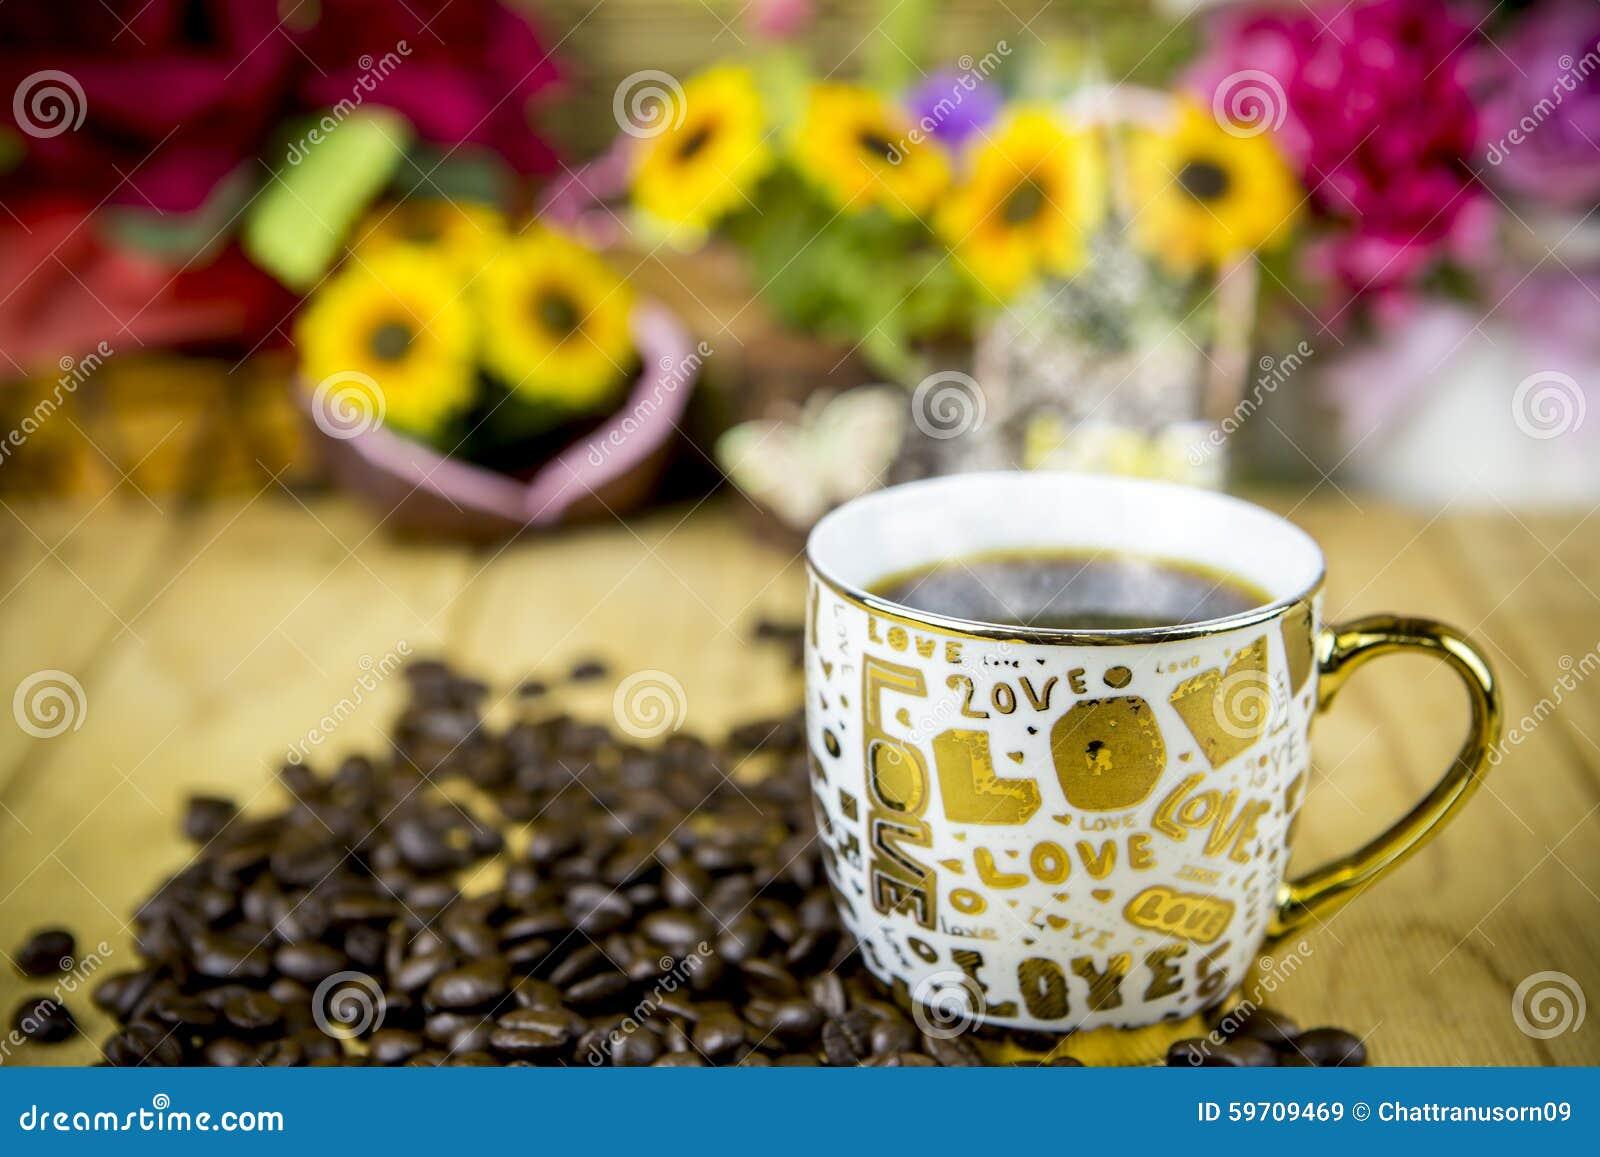 ein tasse kaffee kostet auf einem holztisch stockfoto. Black Bedroom Furniture Sets. Home Design Ideas